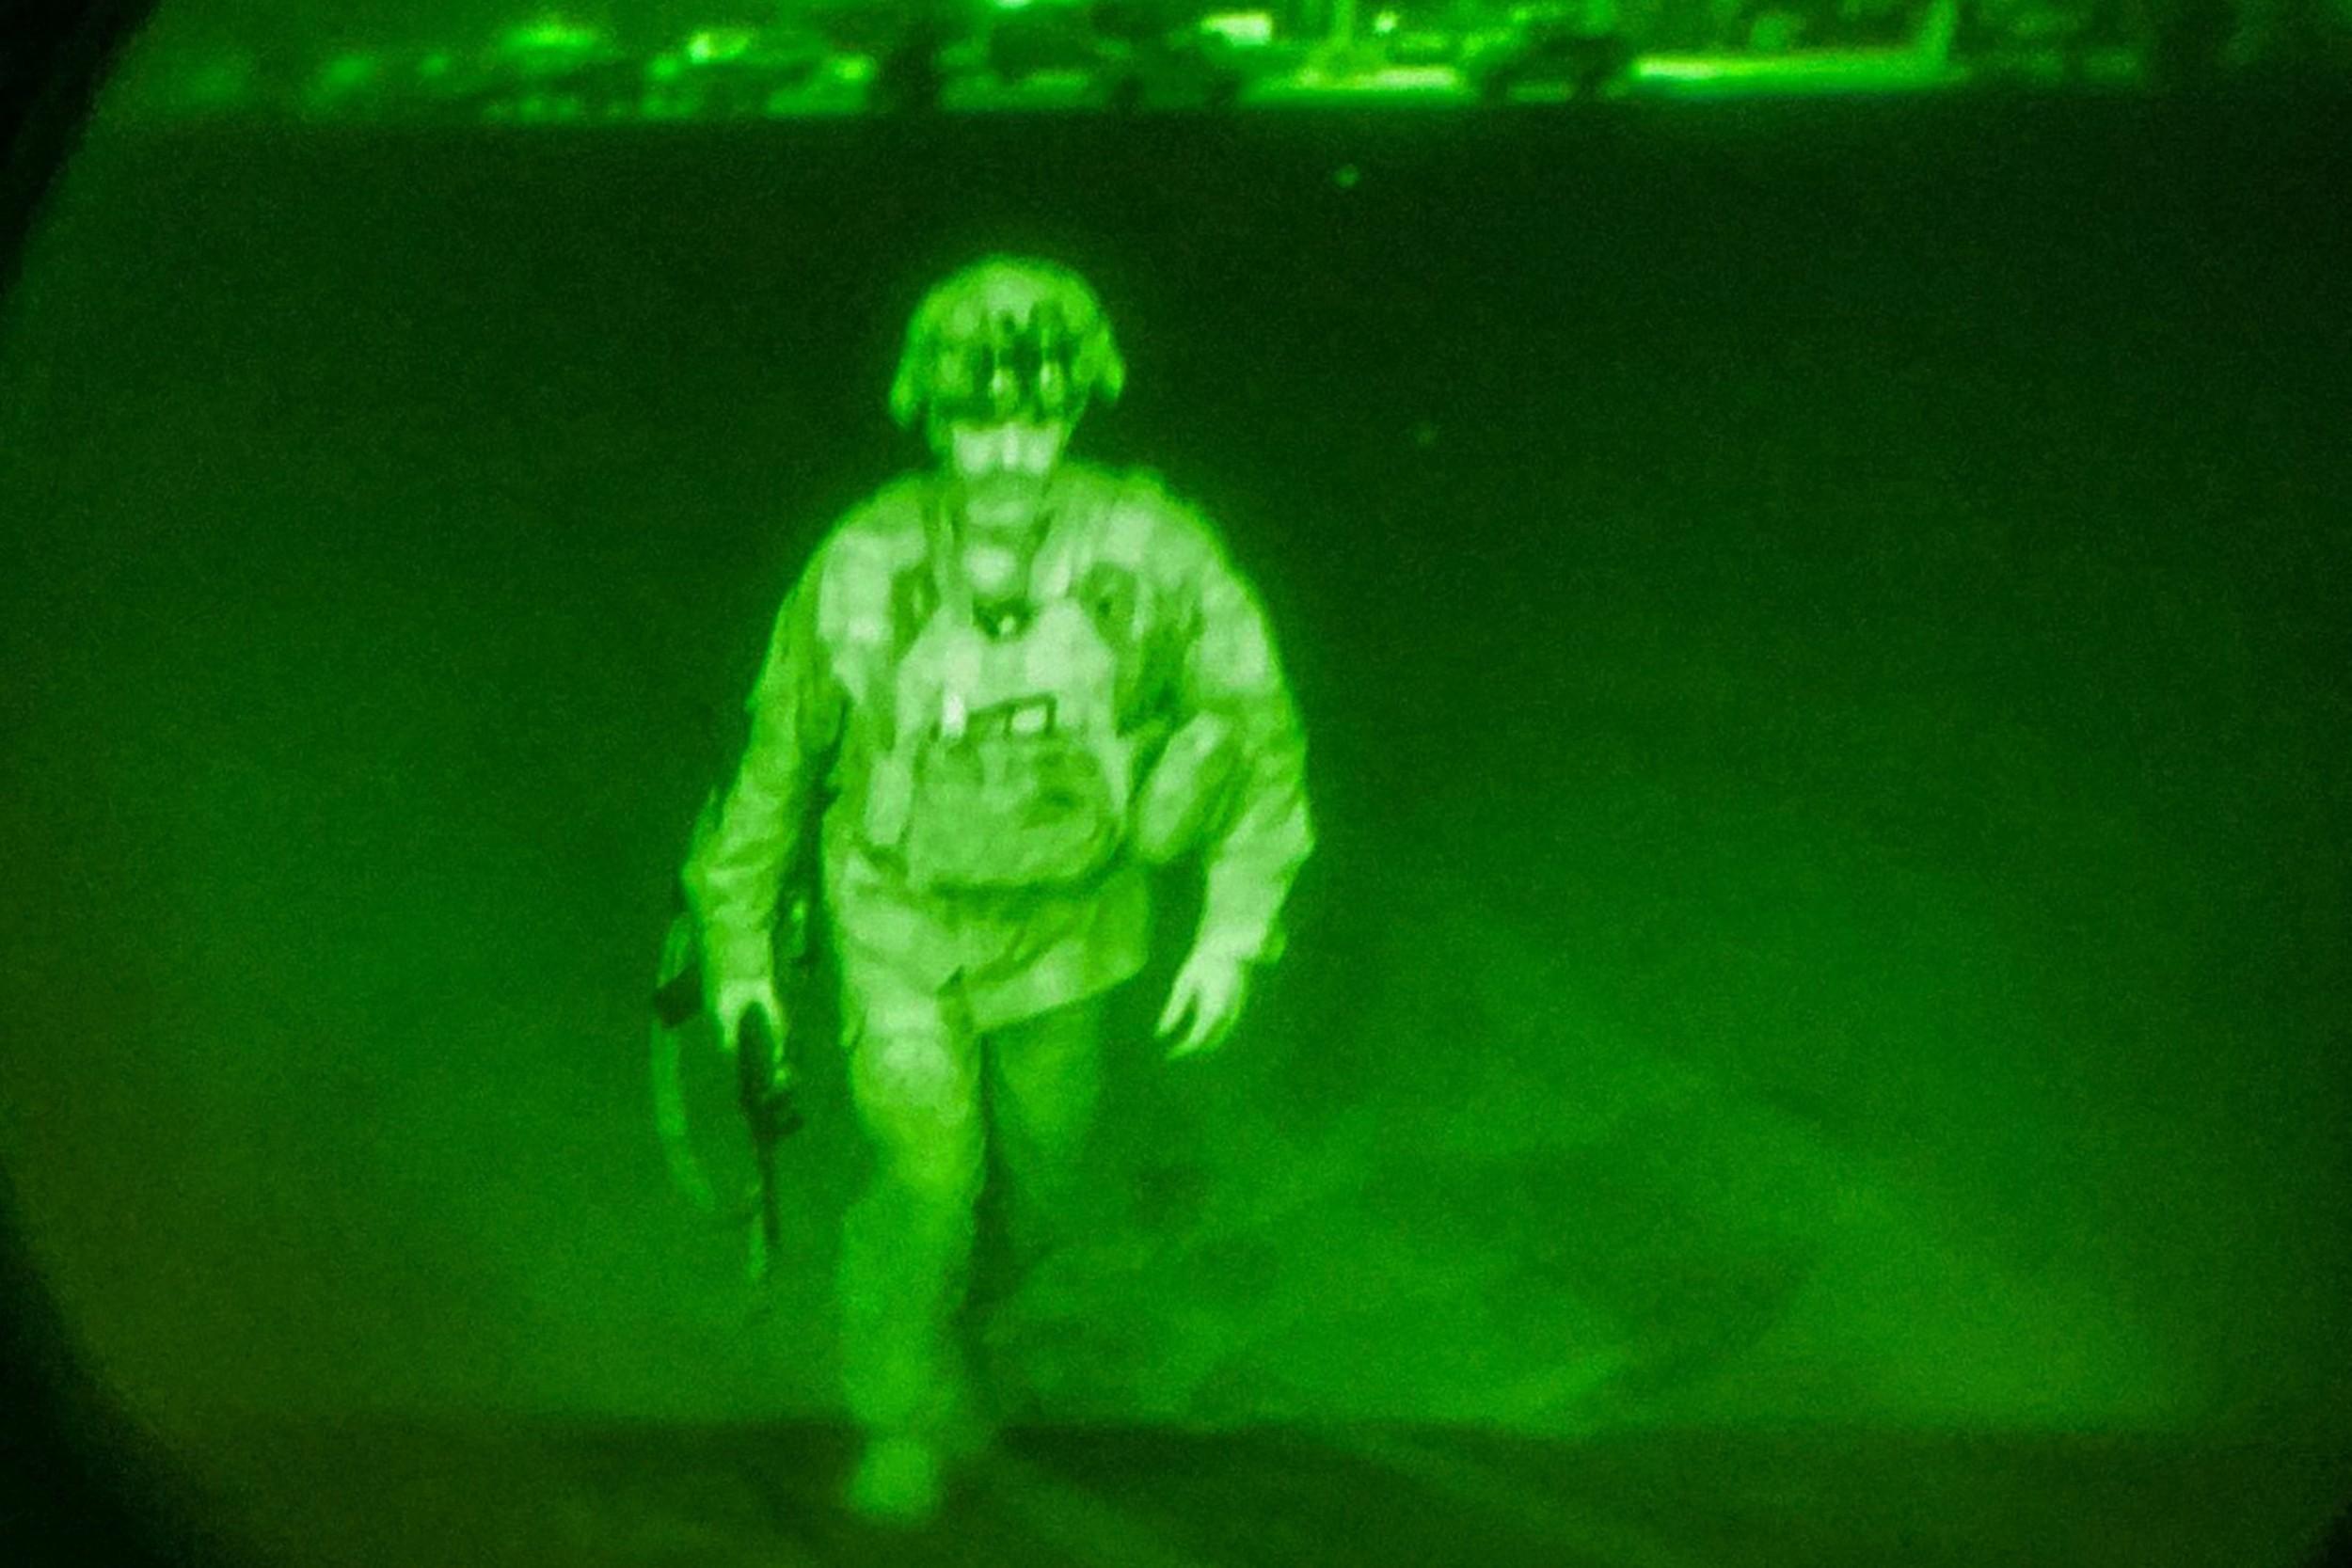 अफगानिस्तान छोड्यो अन्तिम अमेरिकी सैनिकले, सबै सैन्य सामग्री ध्वस्त पारियो